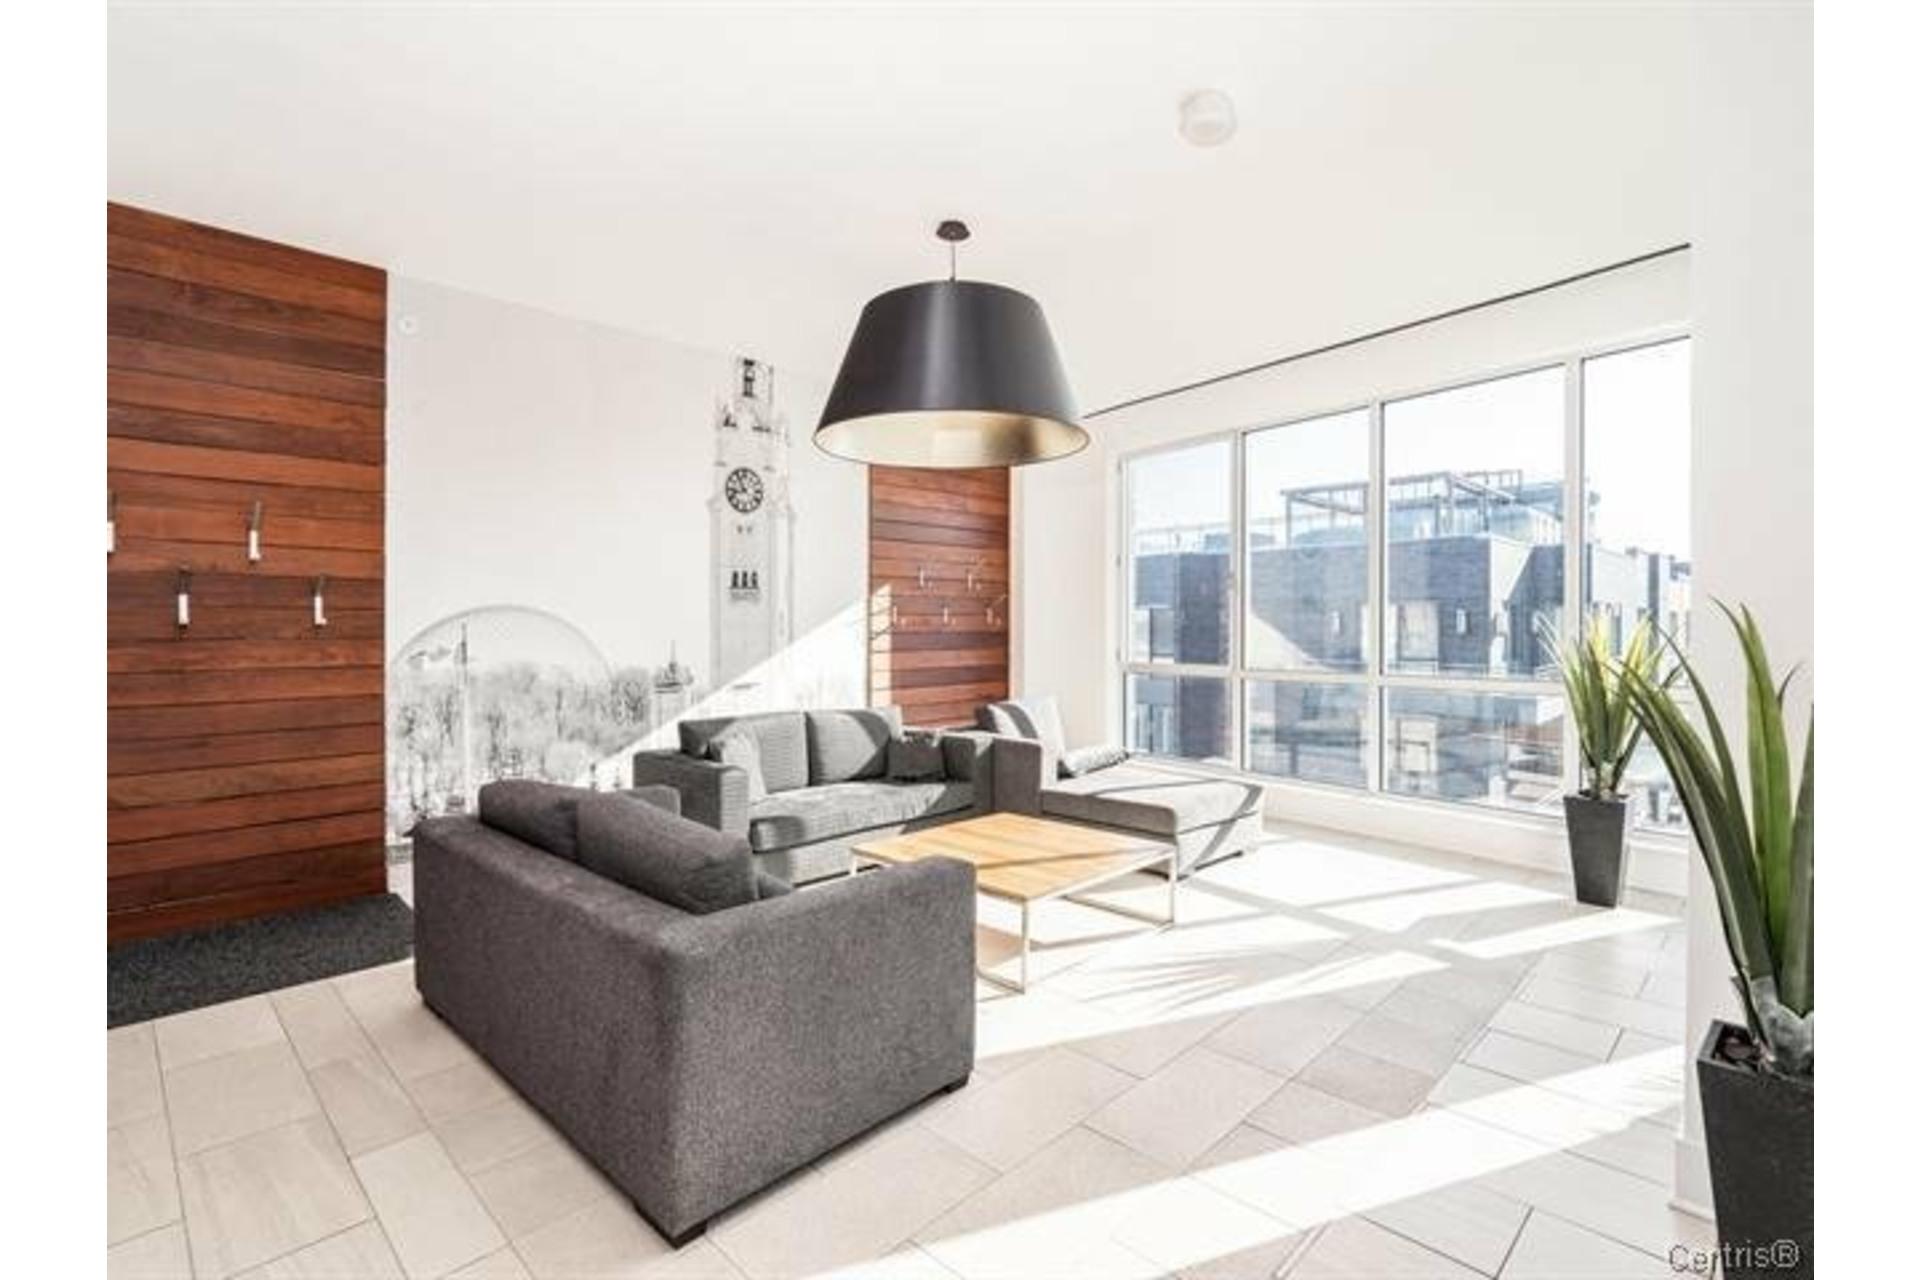 image 24 - Apartment For rent Ville-Marie Montréal  - 4 rooms